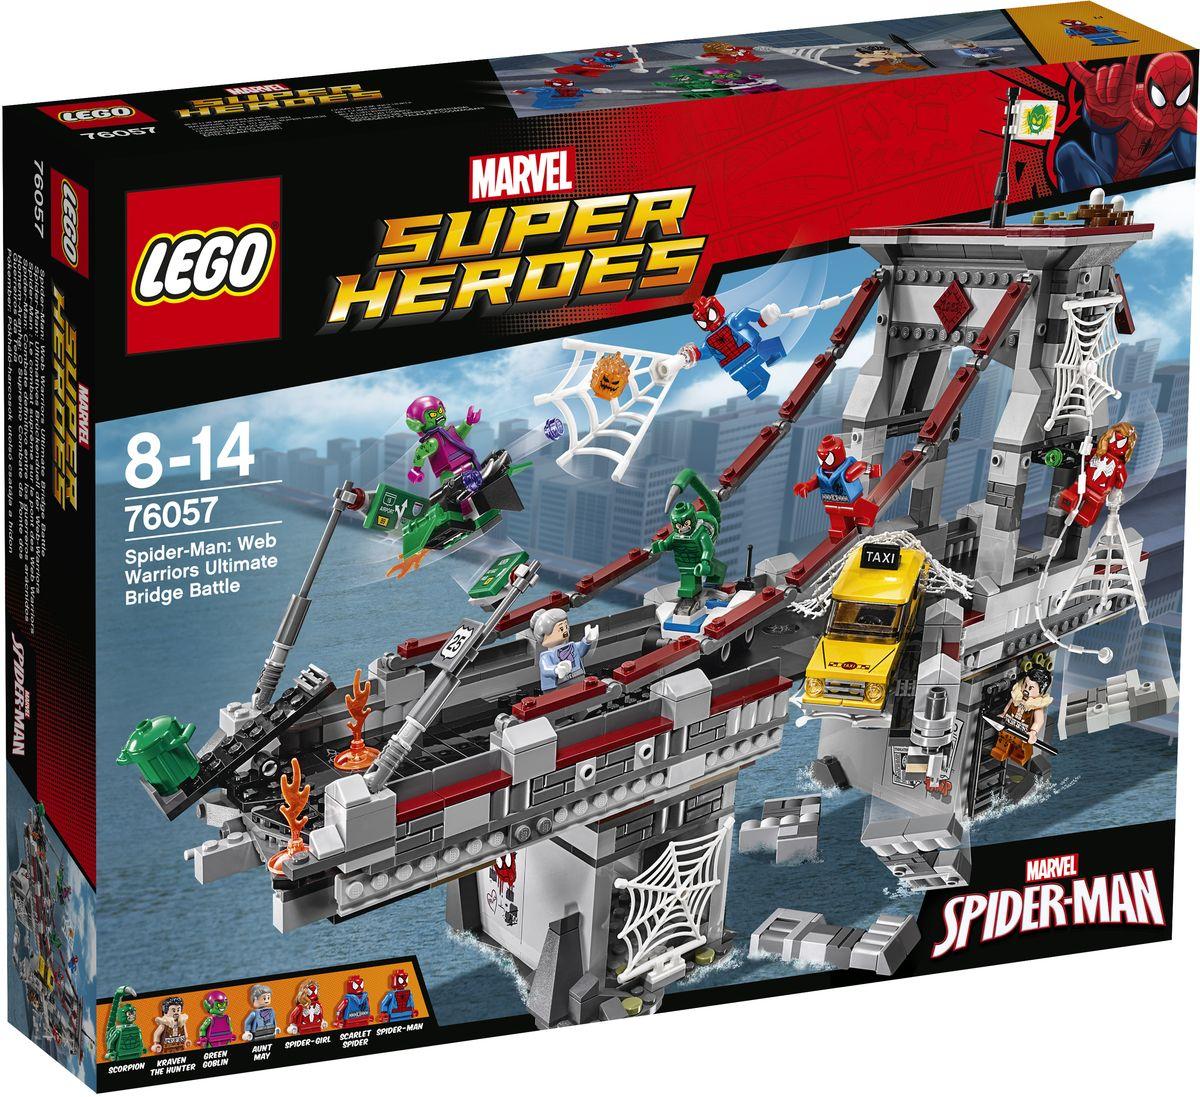 LEGO Super Heroes Конструктор Человек-паук Последний бой воинов паутины 7605776057Мост атакован! Объедините Человека-паука, девушку-паука и алого паука, чтобы победить Зеленого Гоблина. Но остерегайтесь Крэйвена-охотника, выползающего из своего тайного логова, и следите за ядовитым хвостом Скорпиона. Спасите такси, используя паутину прежде, чем проезжая часть погрузится в воду, и защитите тетю Мэй от пылающей тыквенной бомбы Зеленого Гоблина, а затем посадите всех злодеев в паутинную тюрьму! Набор включает в себя 1092 разноцветных пластиковых элемента. Конструктор - это один из самых увлекательных и веселых способов времяпрепровождения. Ребенок сможет часами играть с конструктором, придумывая различные ситуации и истории.